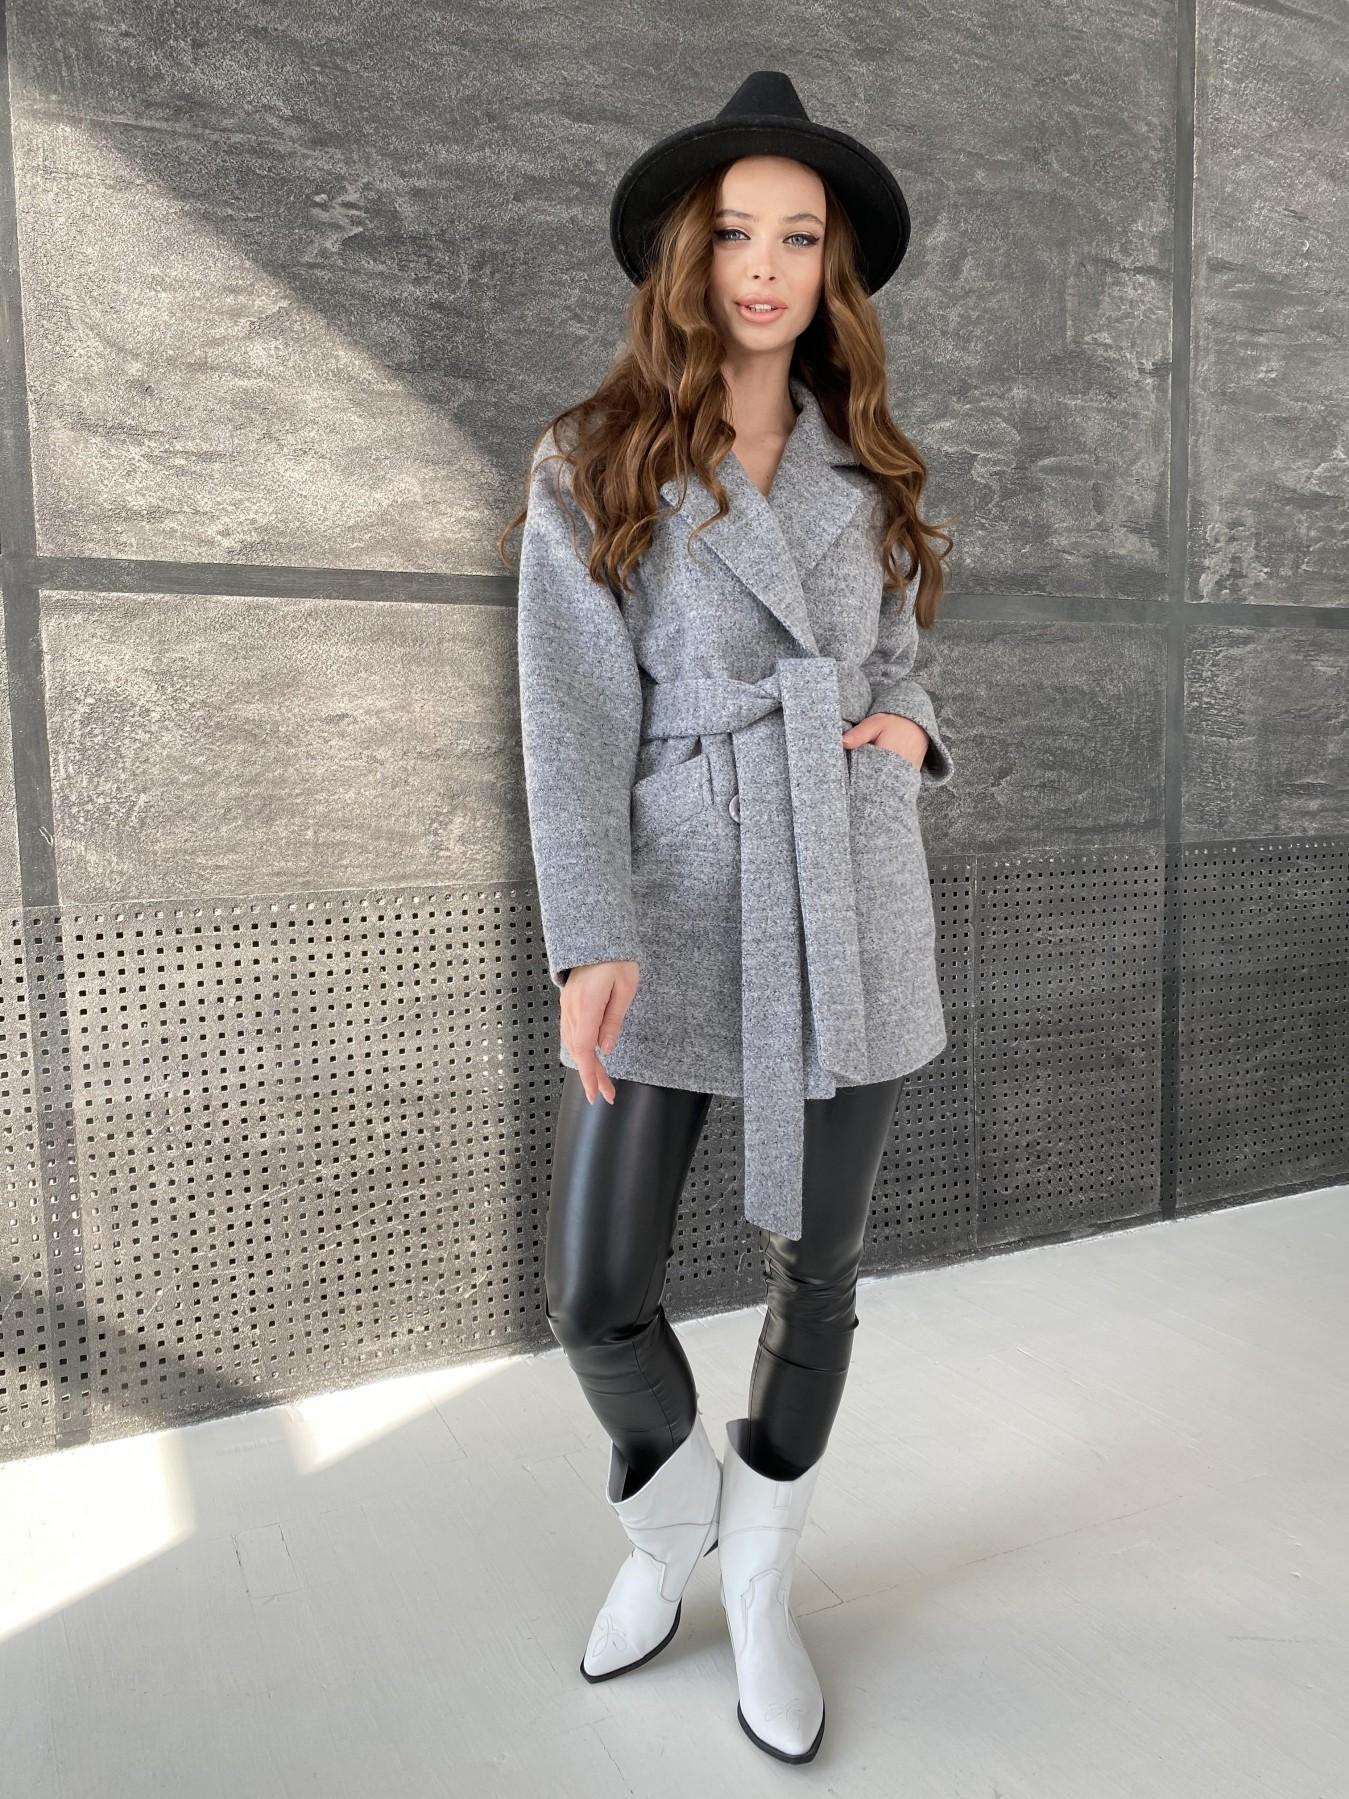 Бонд пальто из шерсти букле  10770 АРТ. 47198 Цвет: Серый 48 - фото 6, интернет магазин tm-modus.ru